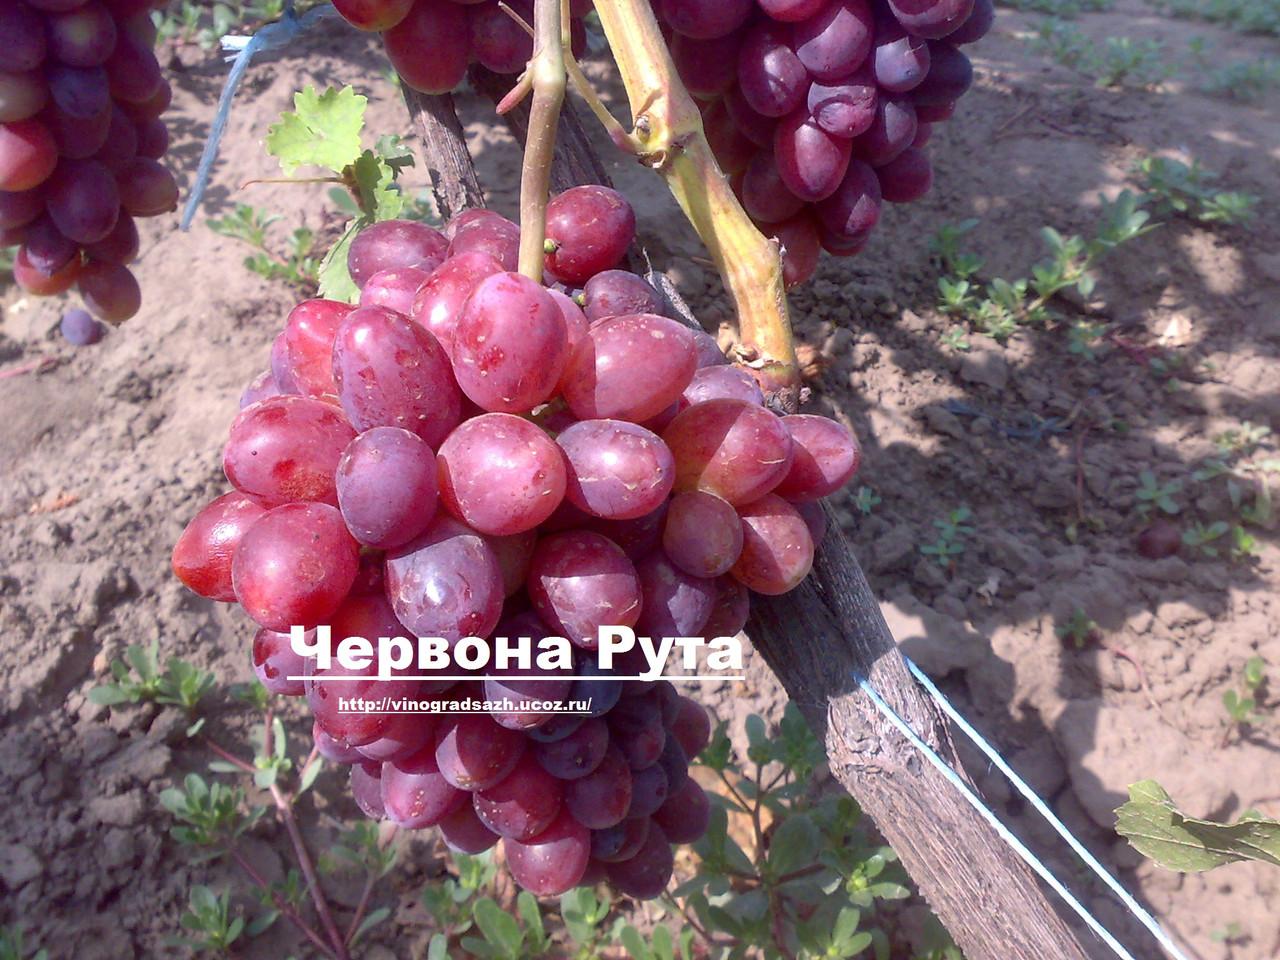 Виноград маникюр фингер цена саженца